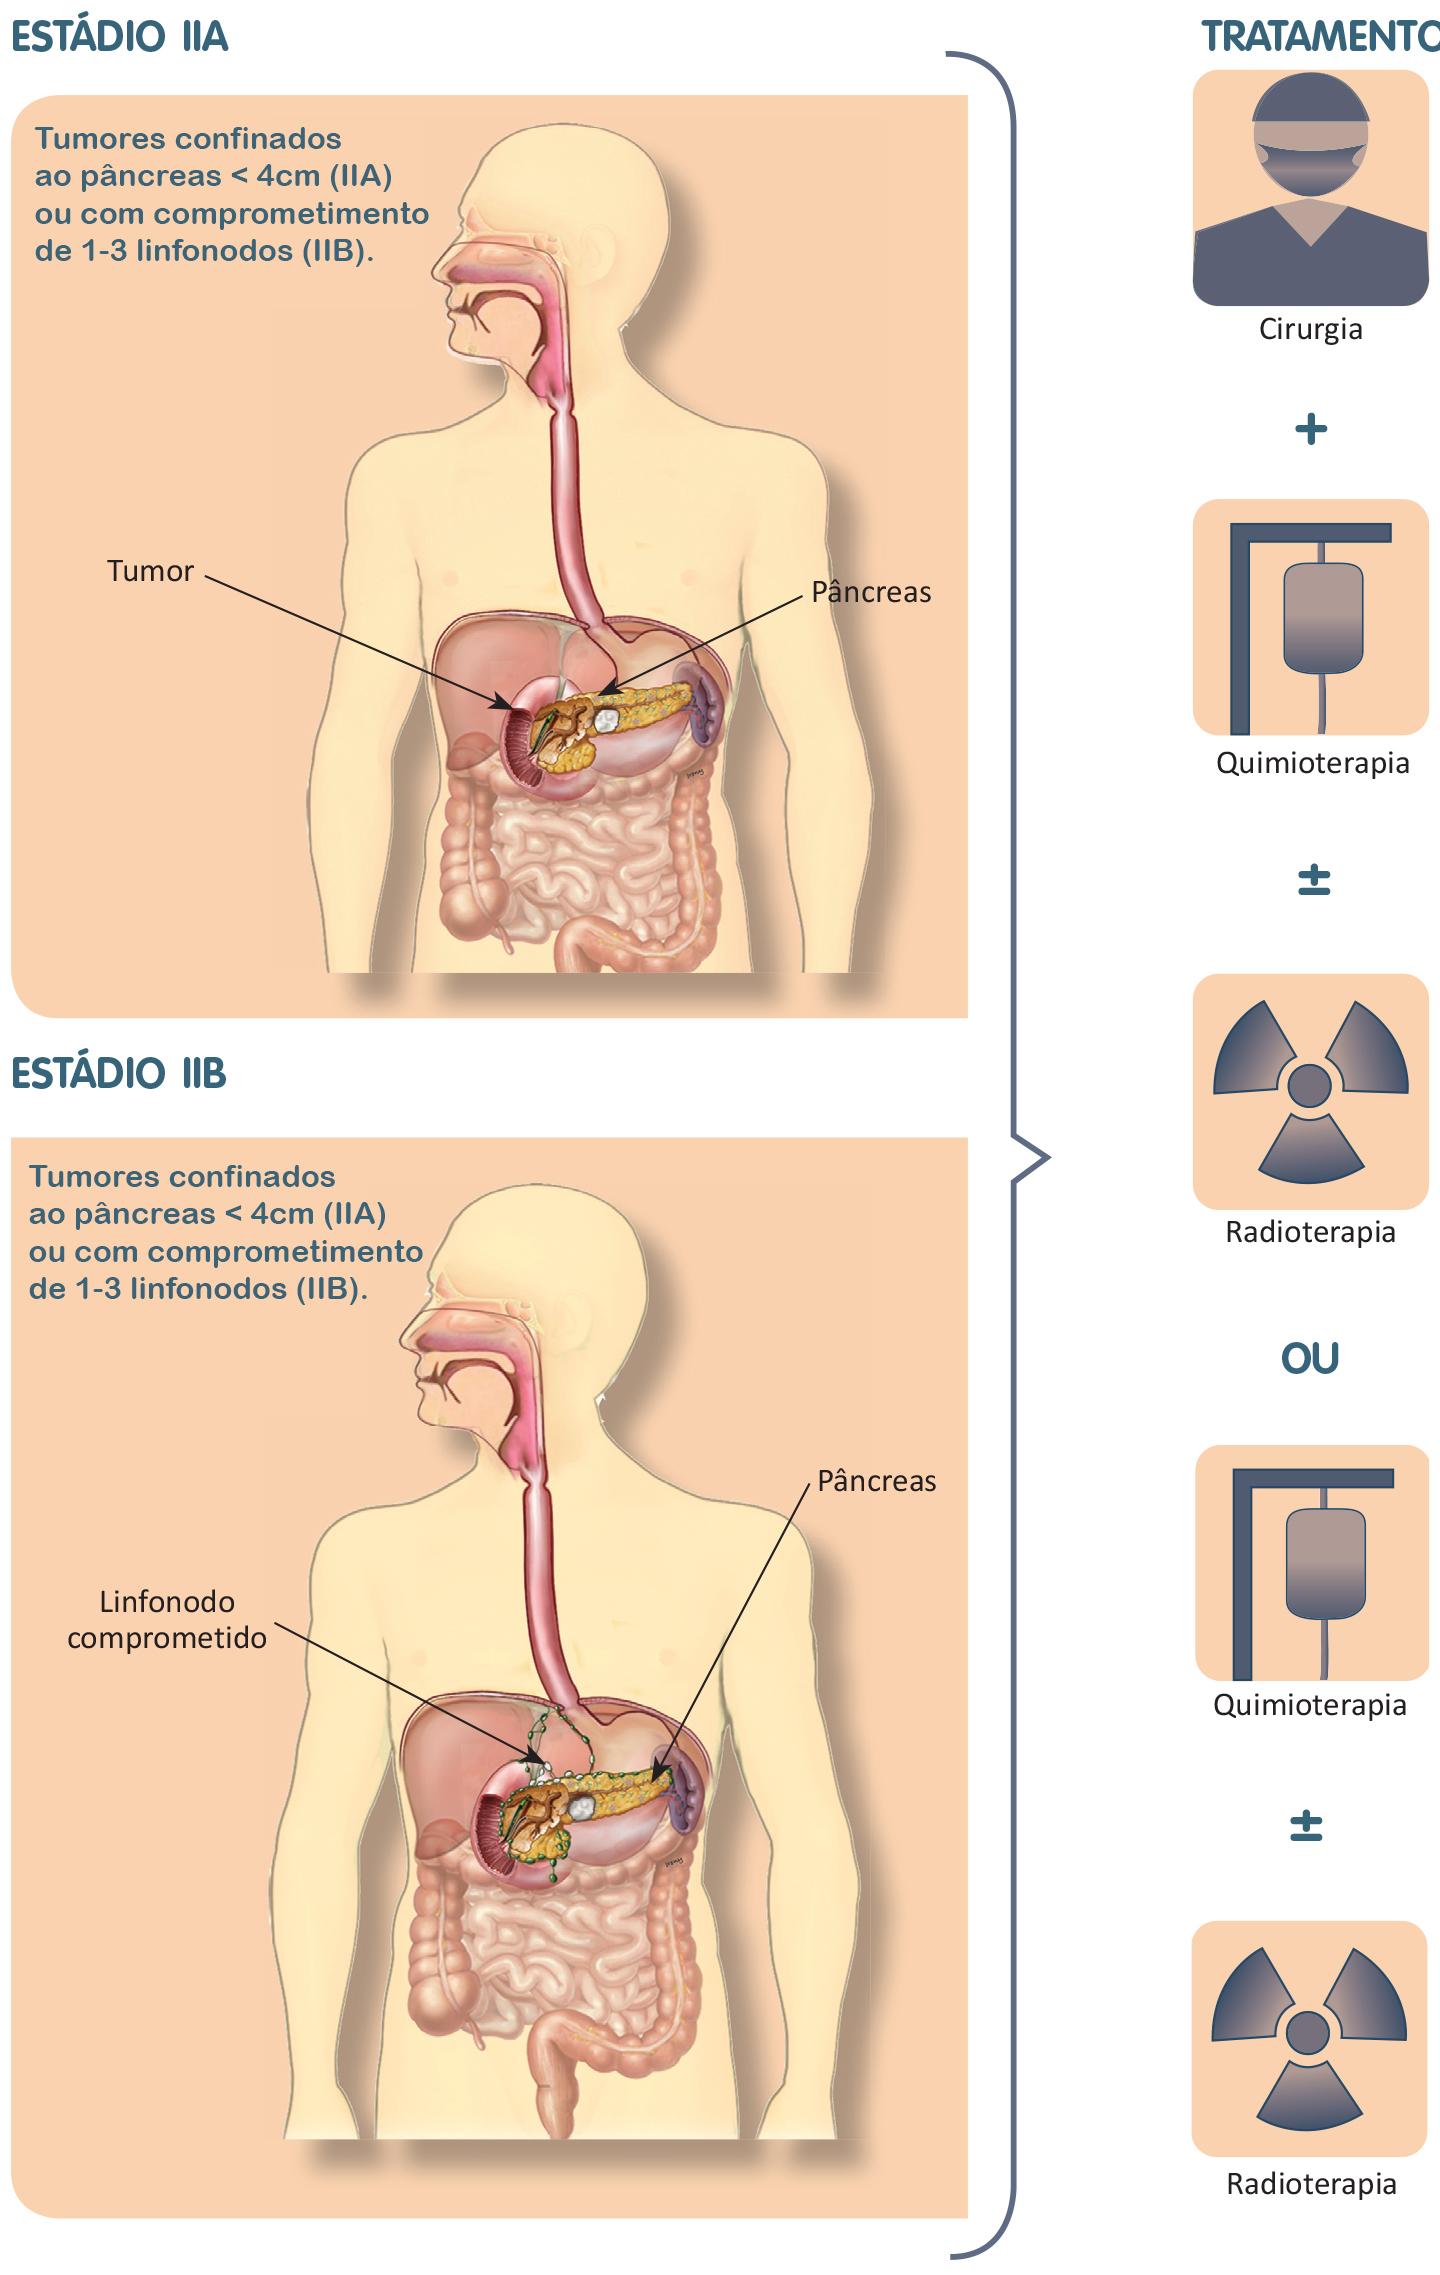 Tratamento do câncer de pâncreas estádio 2.